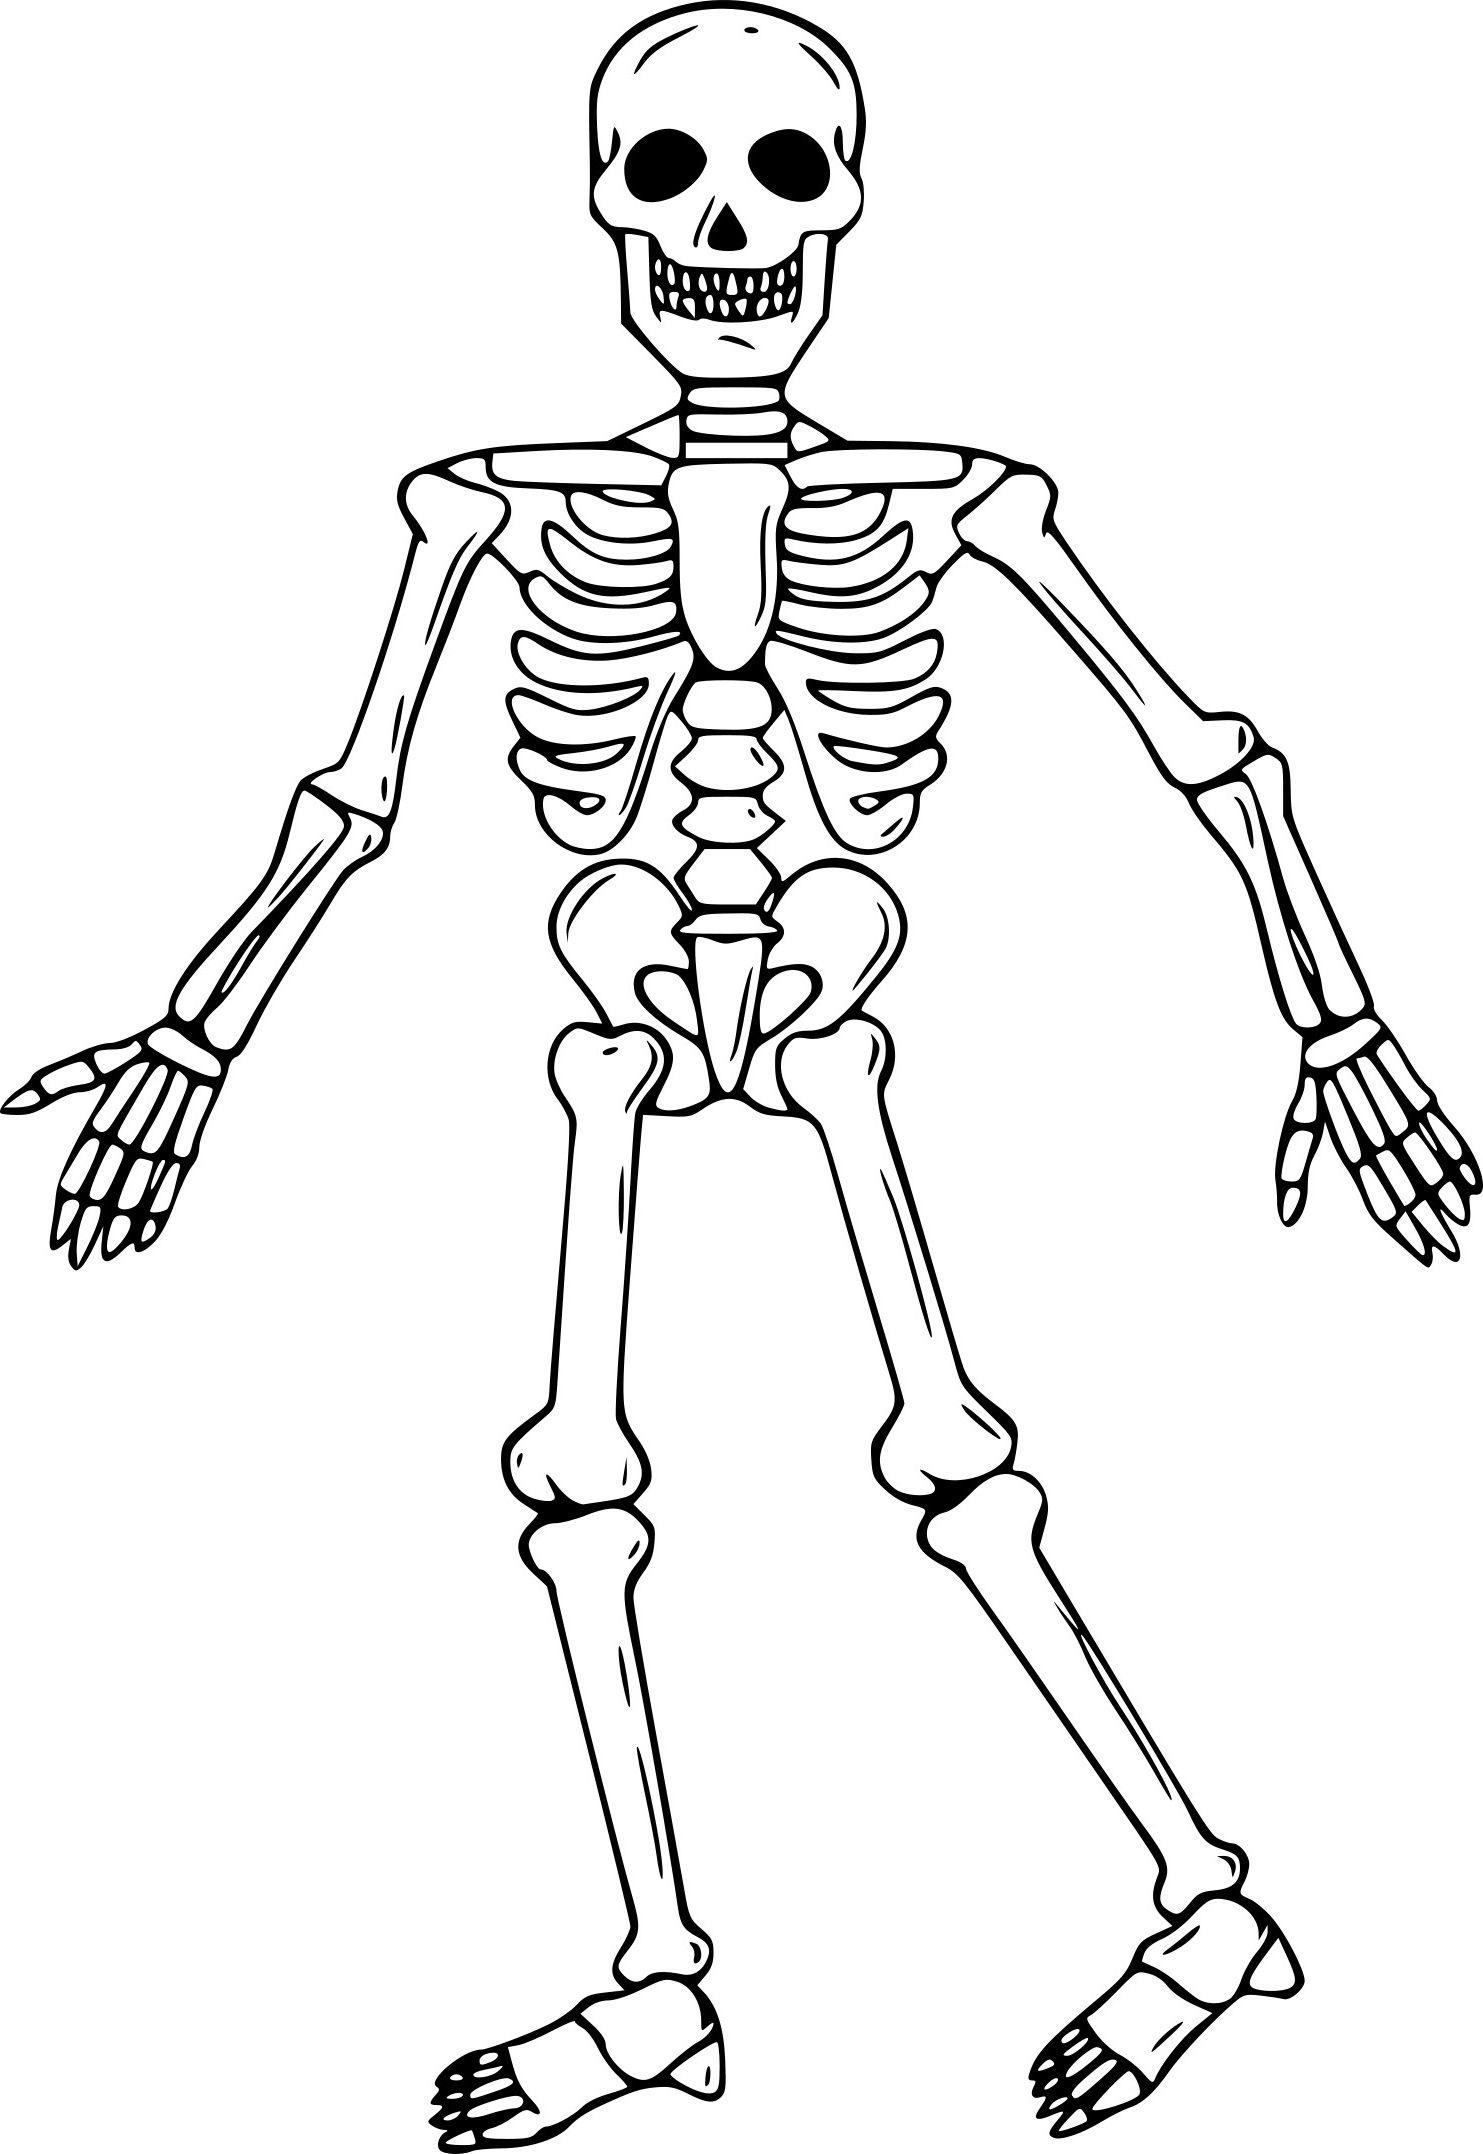 Épinglé Sur Stencils concernant Squelette A Imprimer